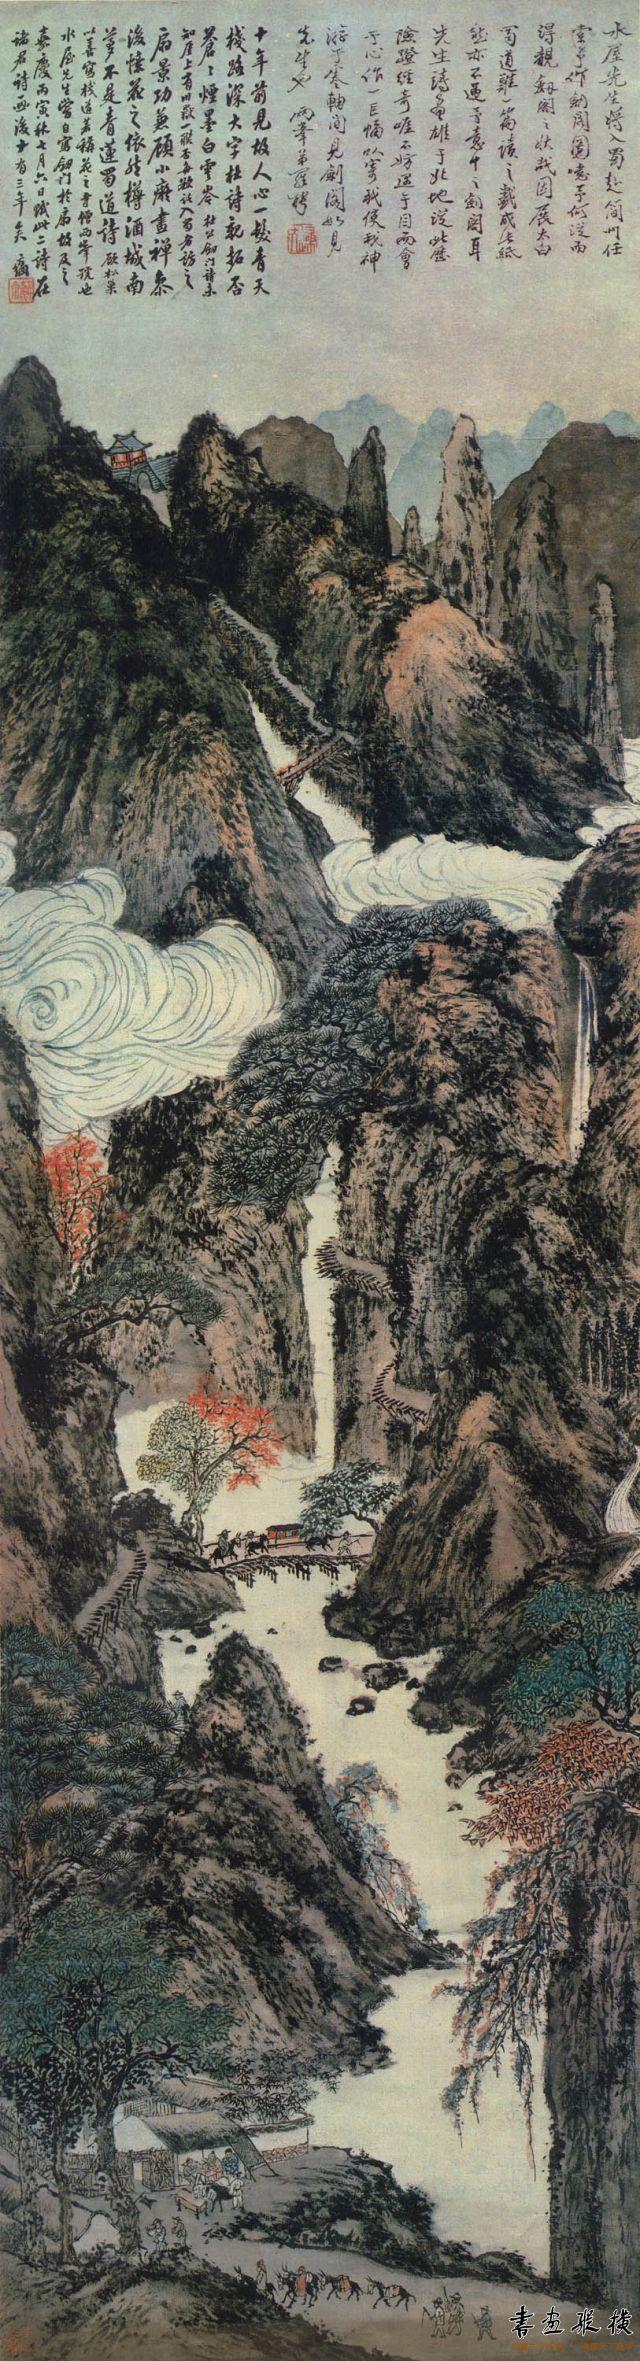 清 罗聘 剑阁图 纸本 设色 纵100.3厘米 横27.4厘米 故宫博物院藏